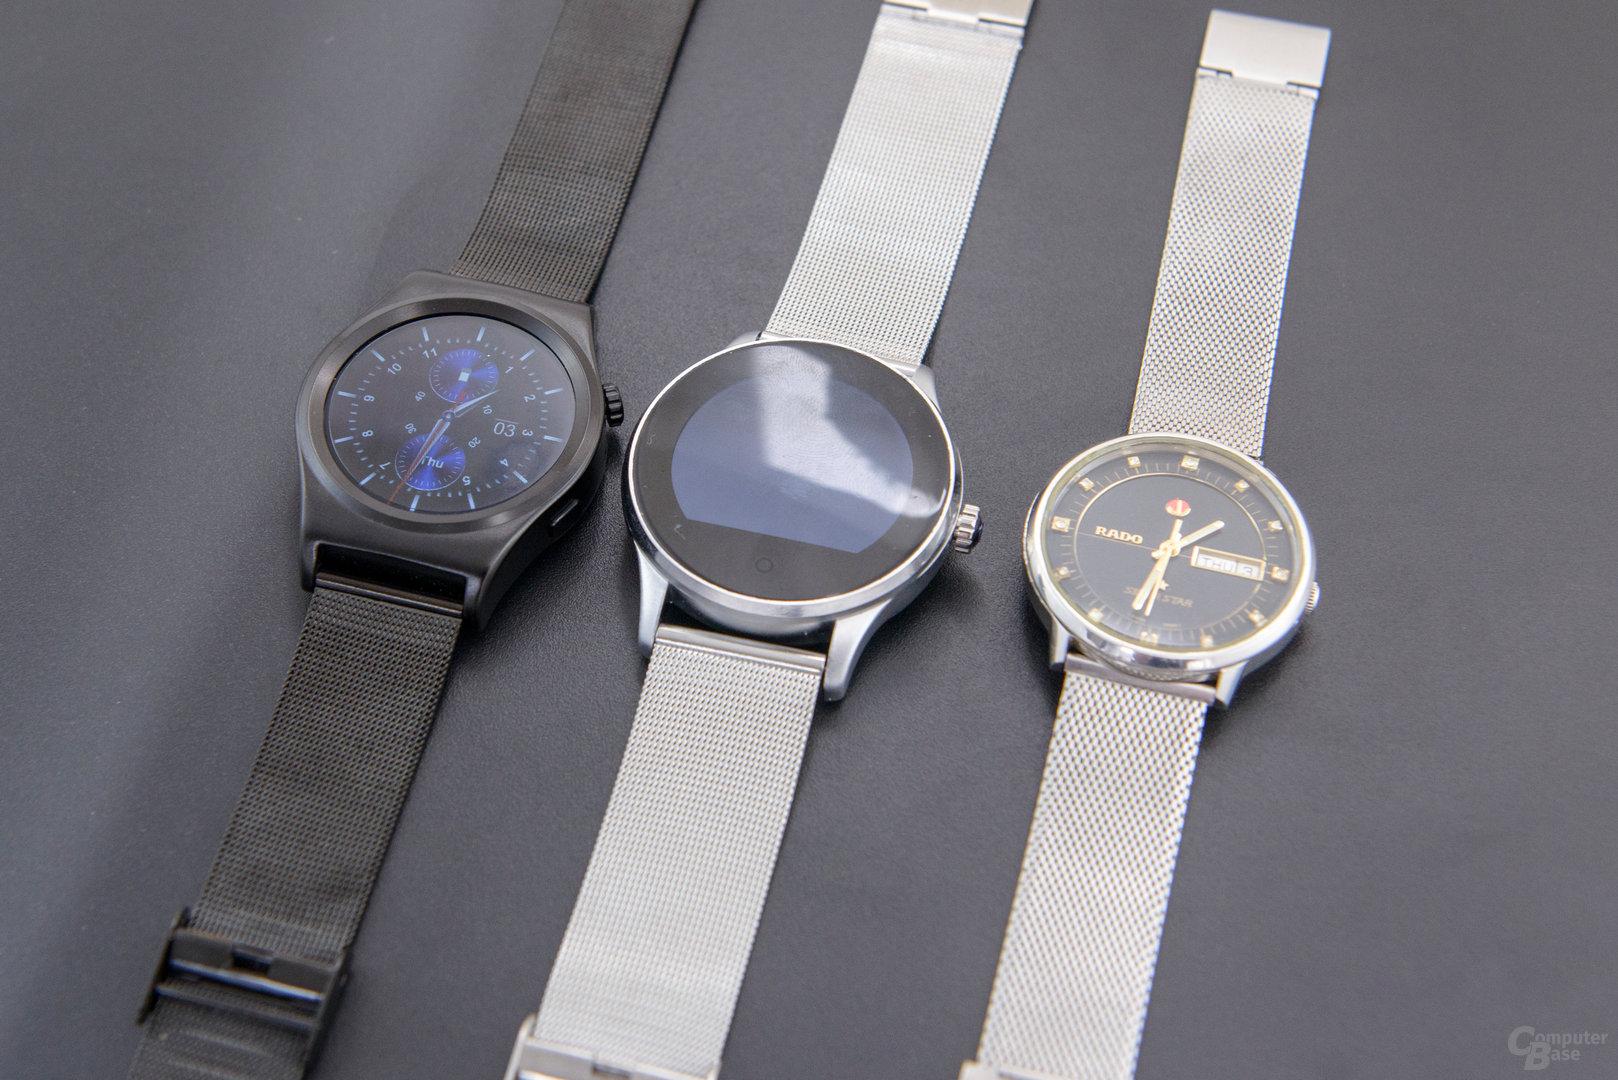 X10 Smartwatch Größenvergleich zur K88H (42mm) und Rado Silverstar (36mm)